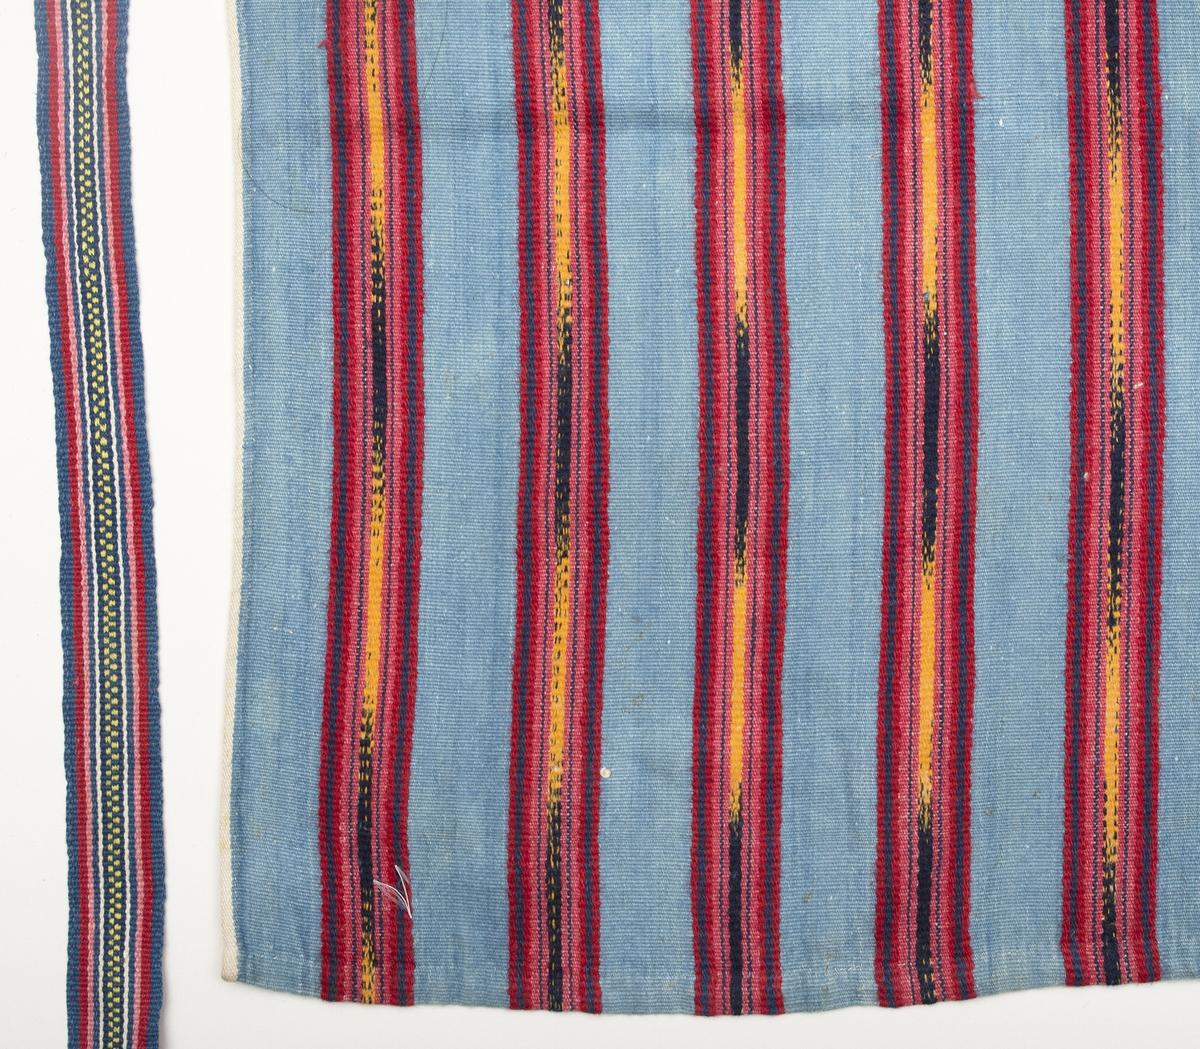 Midjeförkläde med ljusblå botten och breda jämt fördelade ränder i rött, gult och mörkblått, där de gula och mörkblå är flamgarnsfärgat. Ytterst längs långsidorna löper en smal vit kant som fortsätter på baksidan i den 4 mm breda sidfållen. Fåll nertill ca 10 mm. Linning av ett tyg liknande förklädets, bredd 15 mm, dubbelvikt över förklädeskanten. I sidorna är 1150 mm långa handvävda, mönstrade knytband fastsydda.